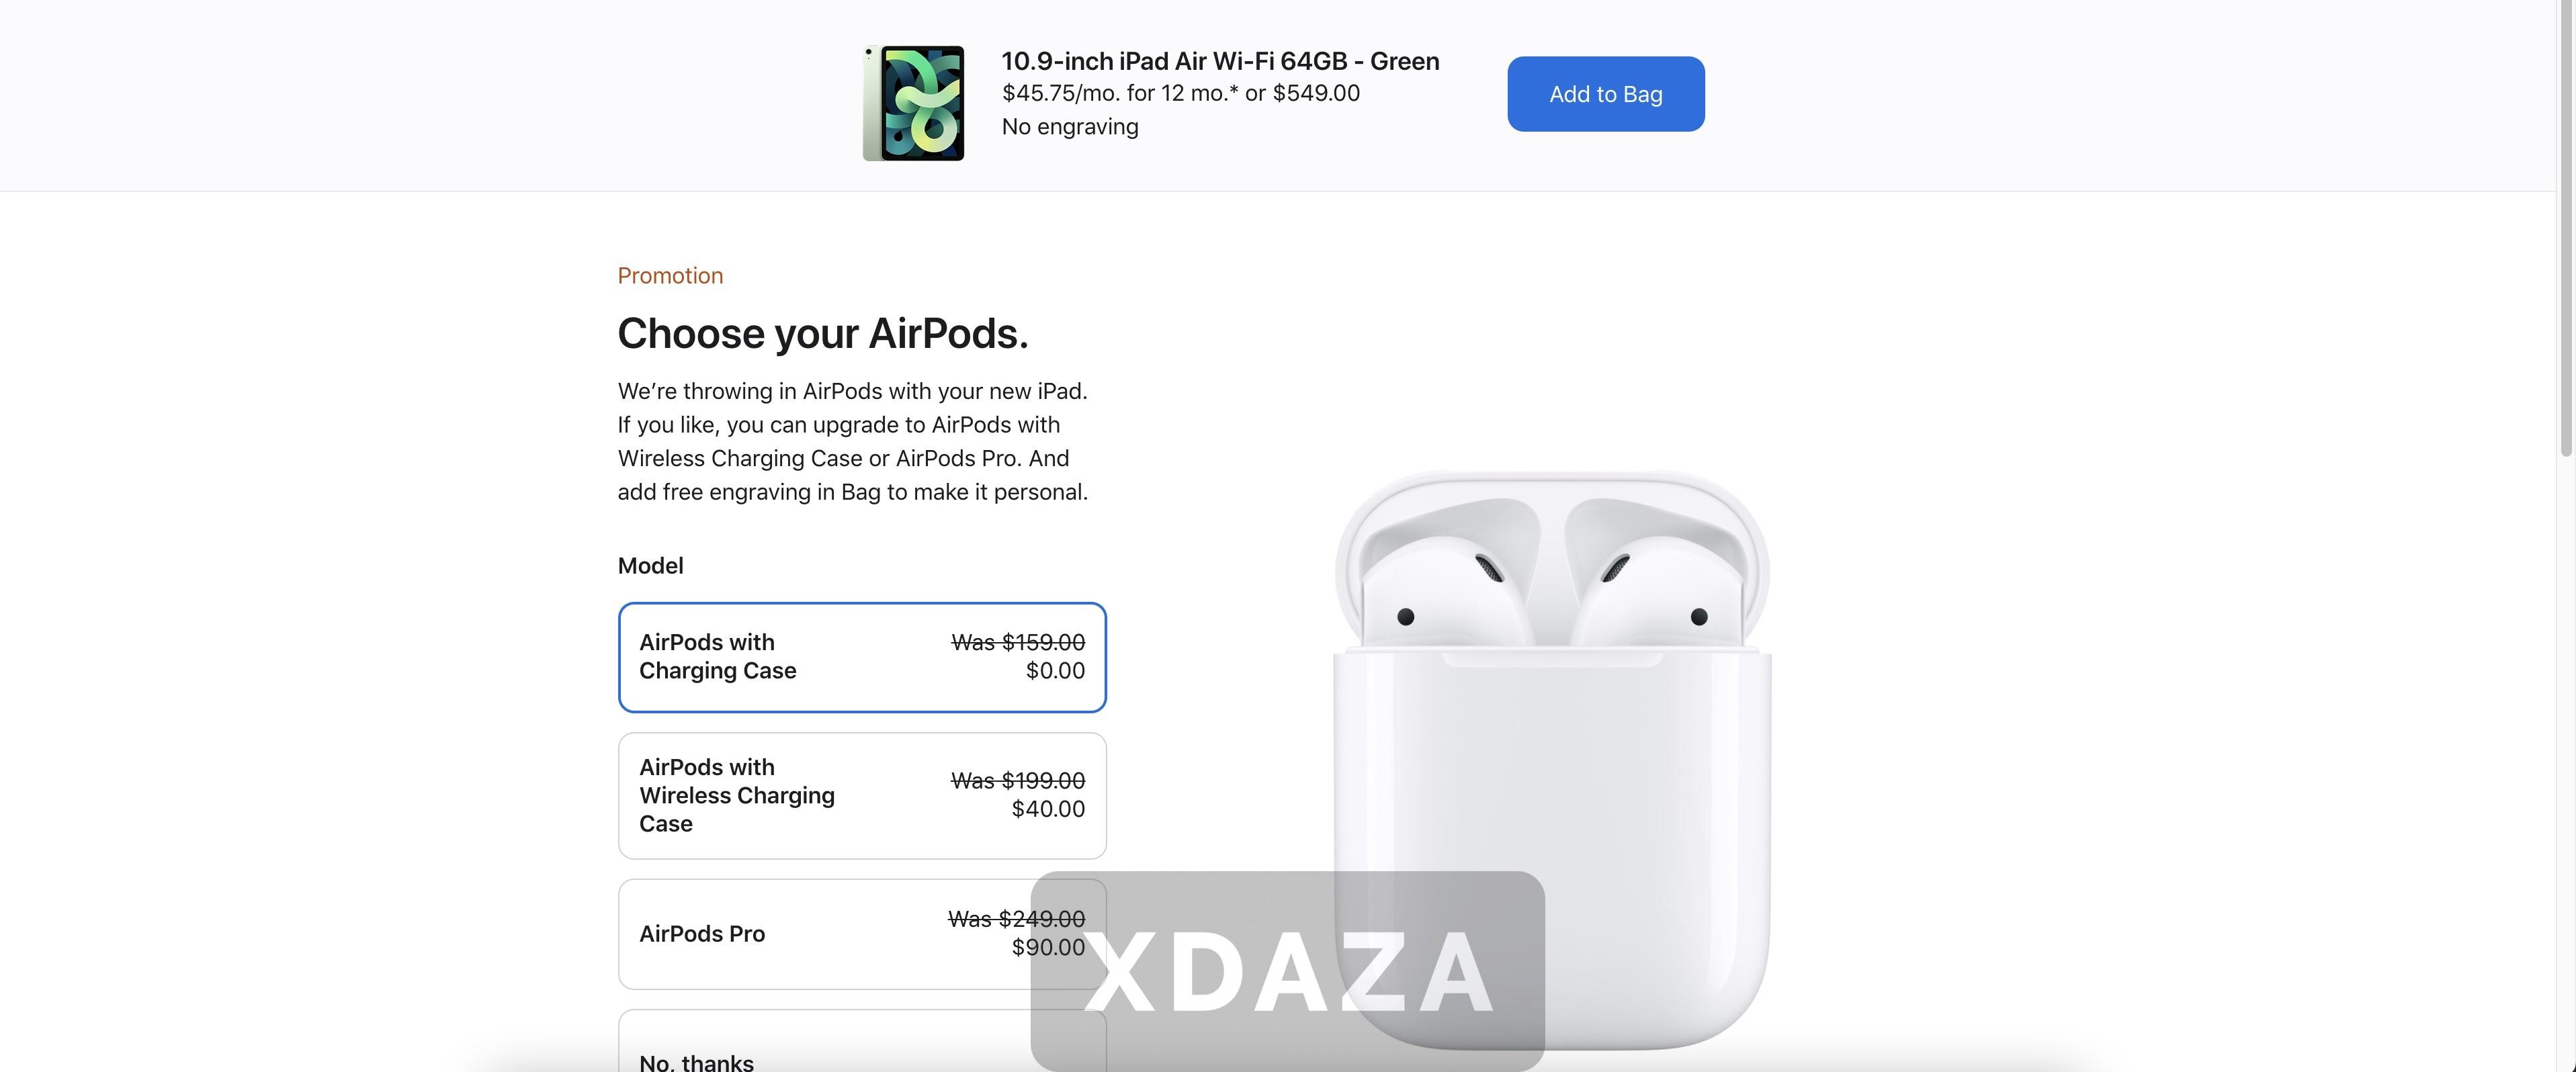 苹果2021年教育优惠政策确认!购买Mac和iPad均可获免费获得AirPods2代